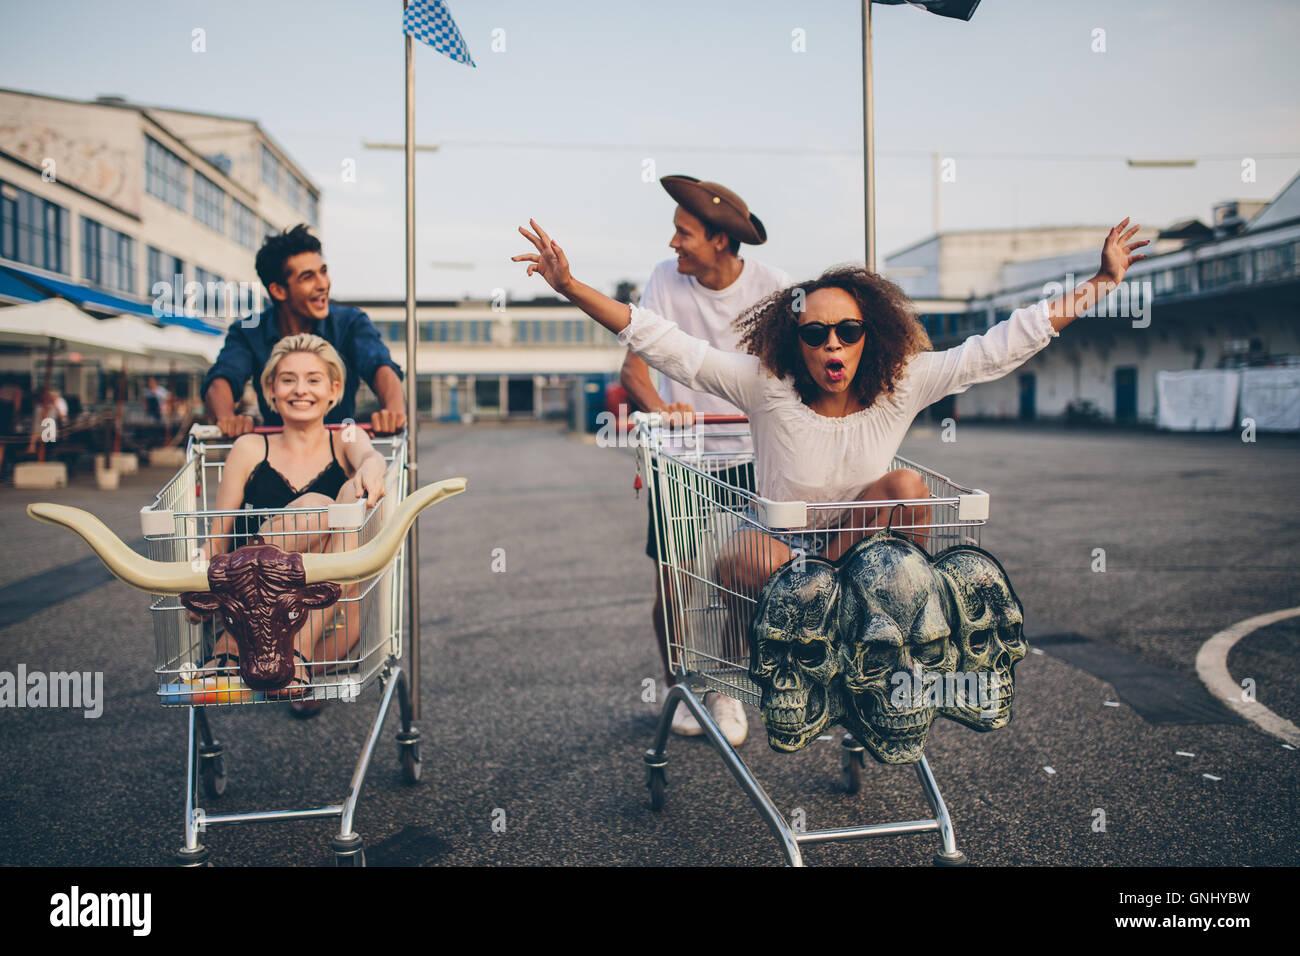 Junge Freunde, die Spaß auf einen Einkaufswagen. Multiethnische Jugendlichen racing auf Warenkorb. Stockbild